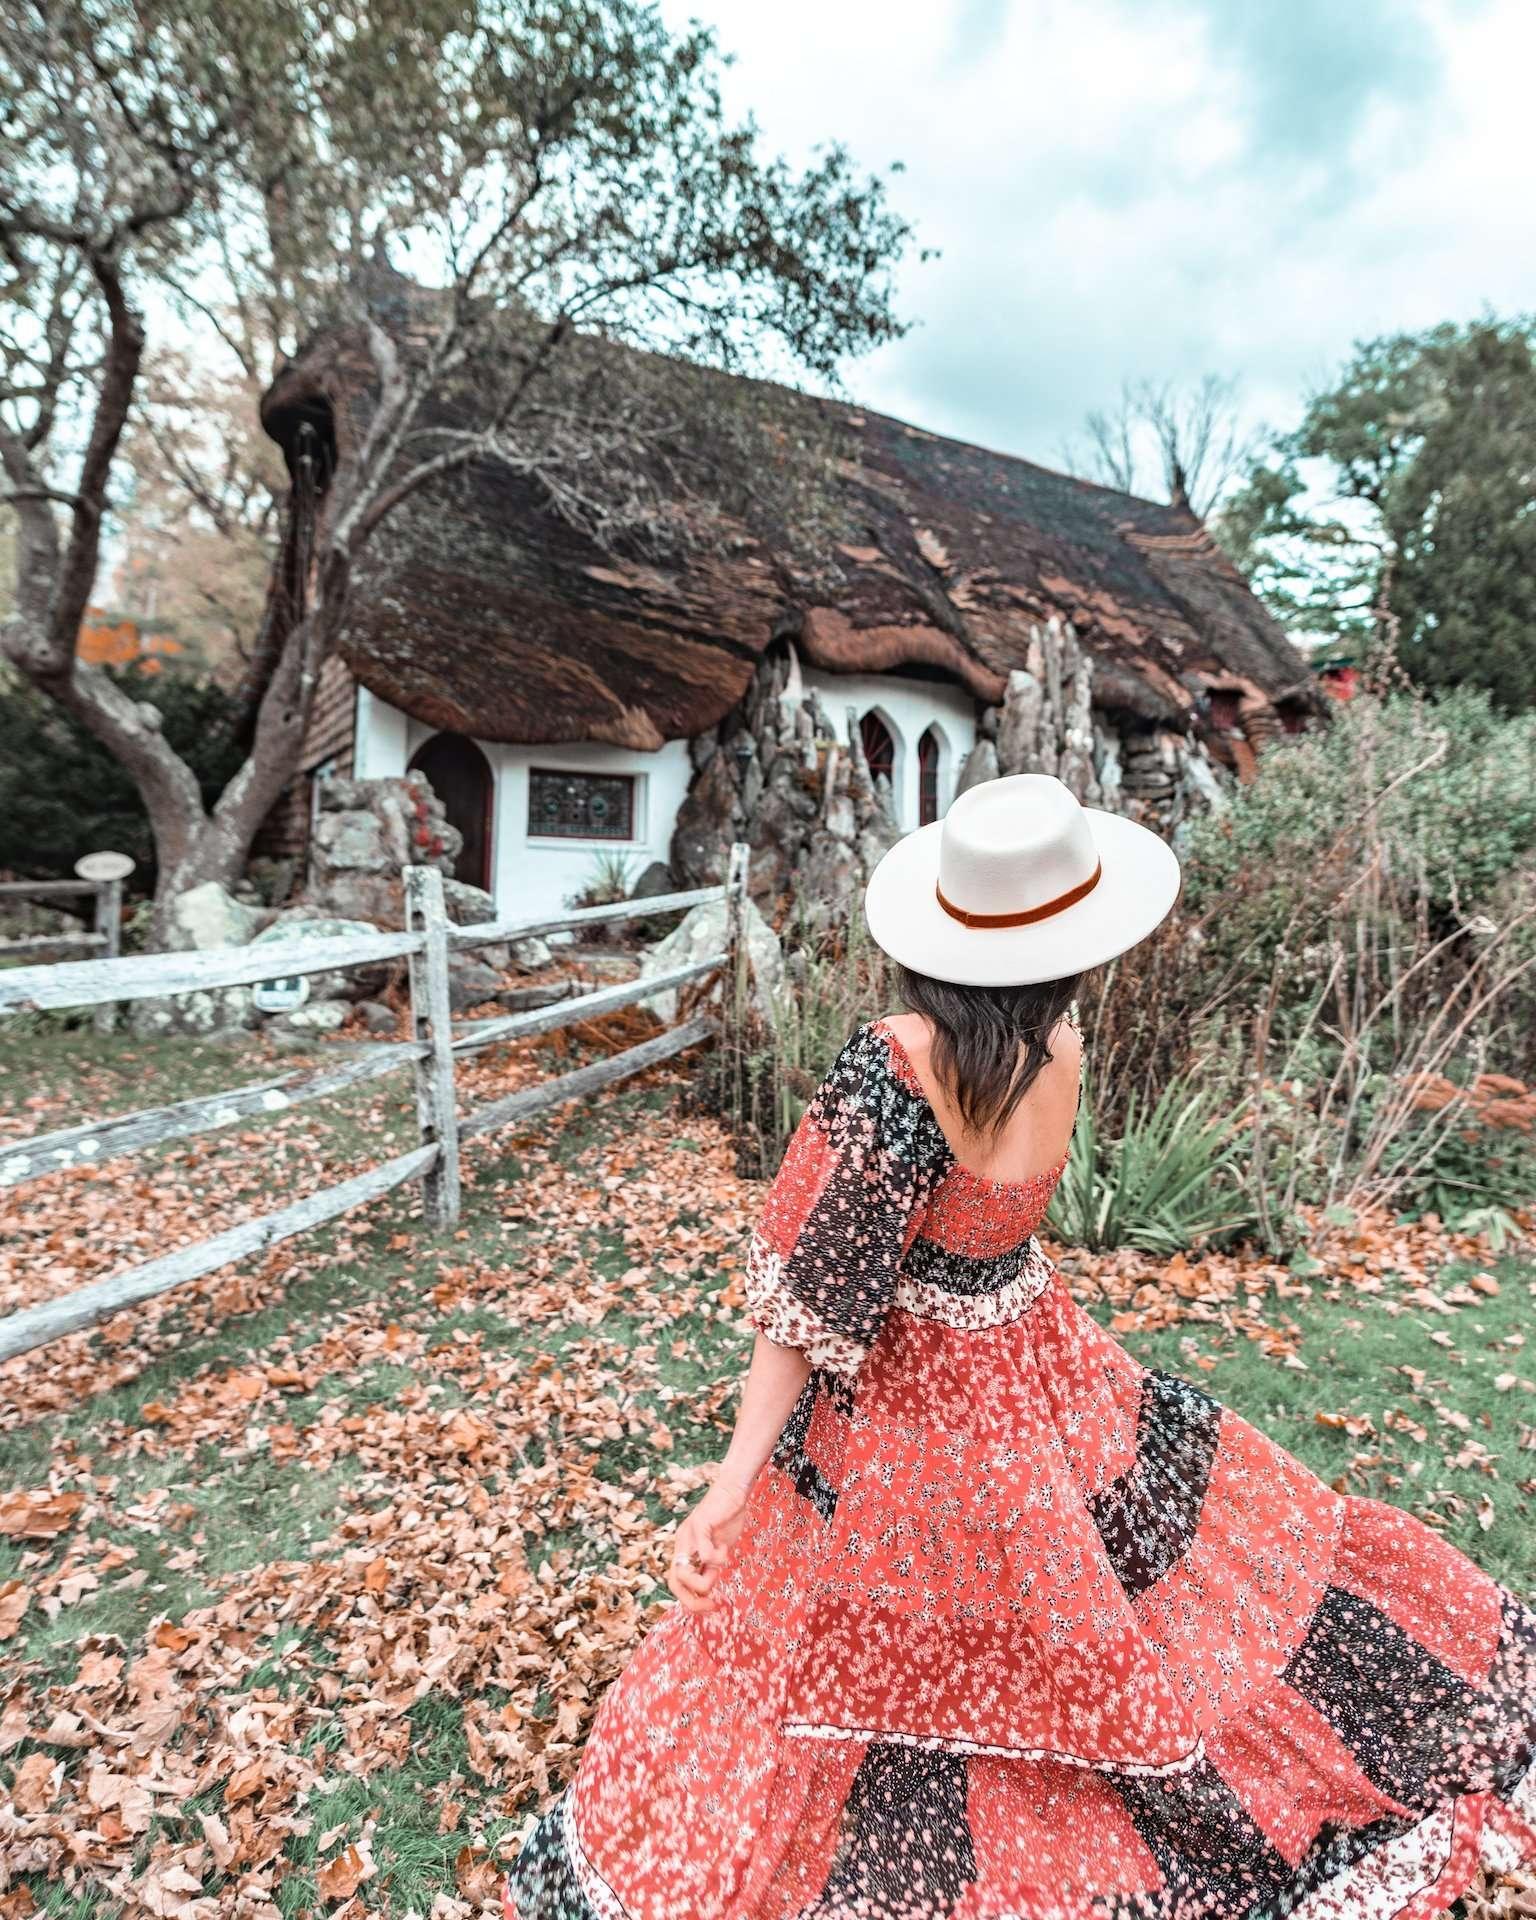 felt hat at storybook cottage